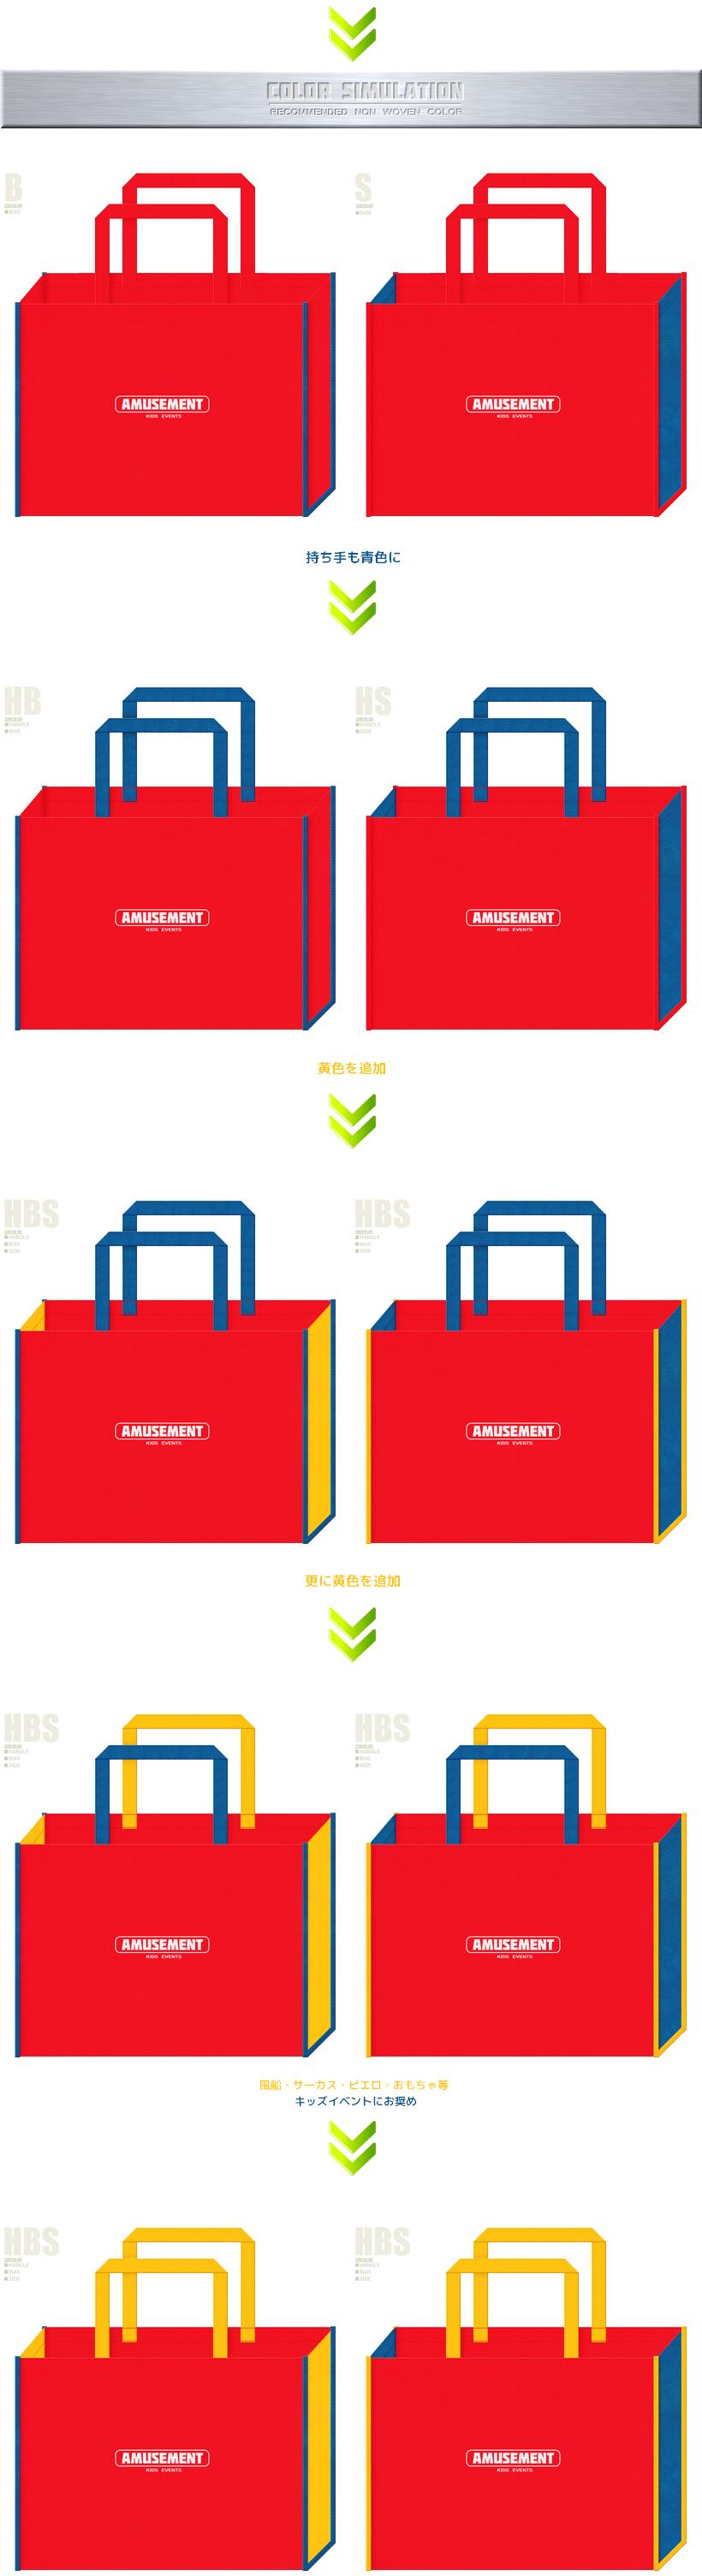 赤色・青色・黄色の不織布を使用した不織布バッグデザイン:アミューズメント・テーマパーク・キッズイベントのノベルティ・おもちゃのショッピングバッグ